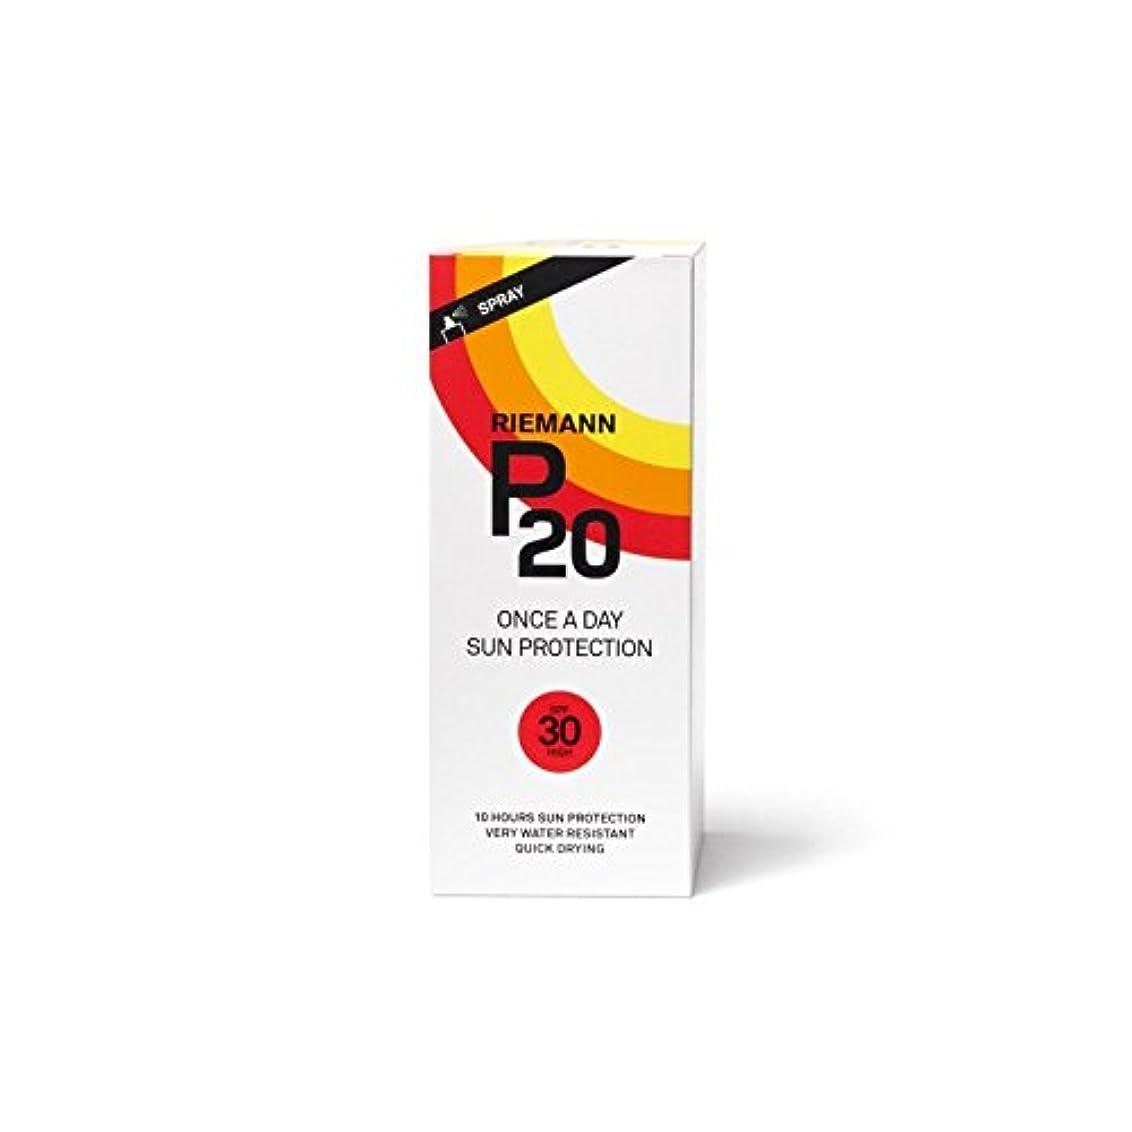 血色の良い時間厳守南アメリカリーマン20のサンフィルター200ミリリットル30 x4 - Riemann P20 Sun Filter 200ml SPF30 (Pack of 4) [並行輸入品]